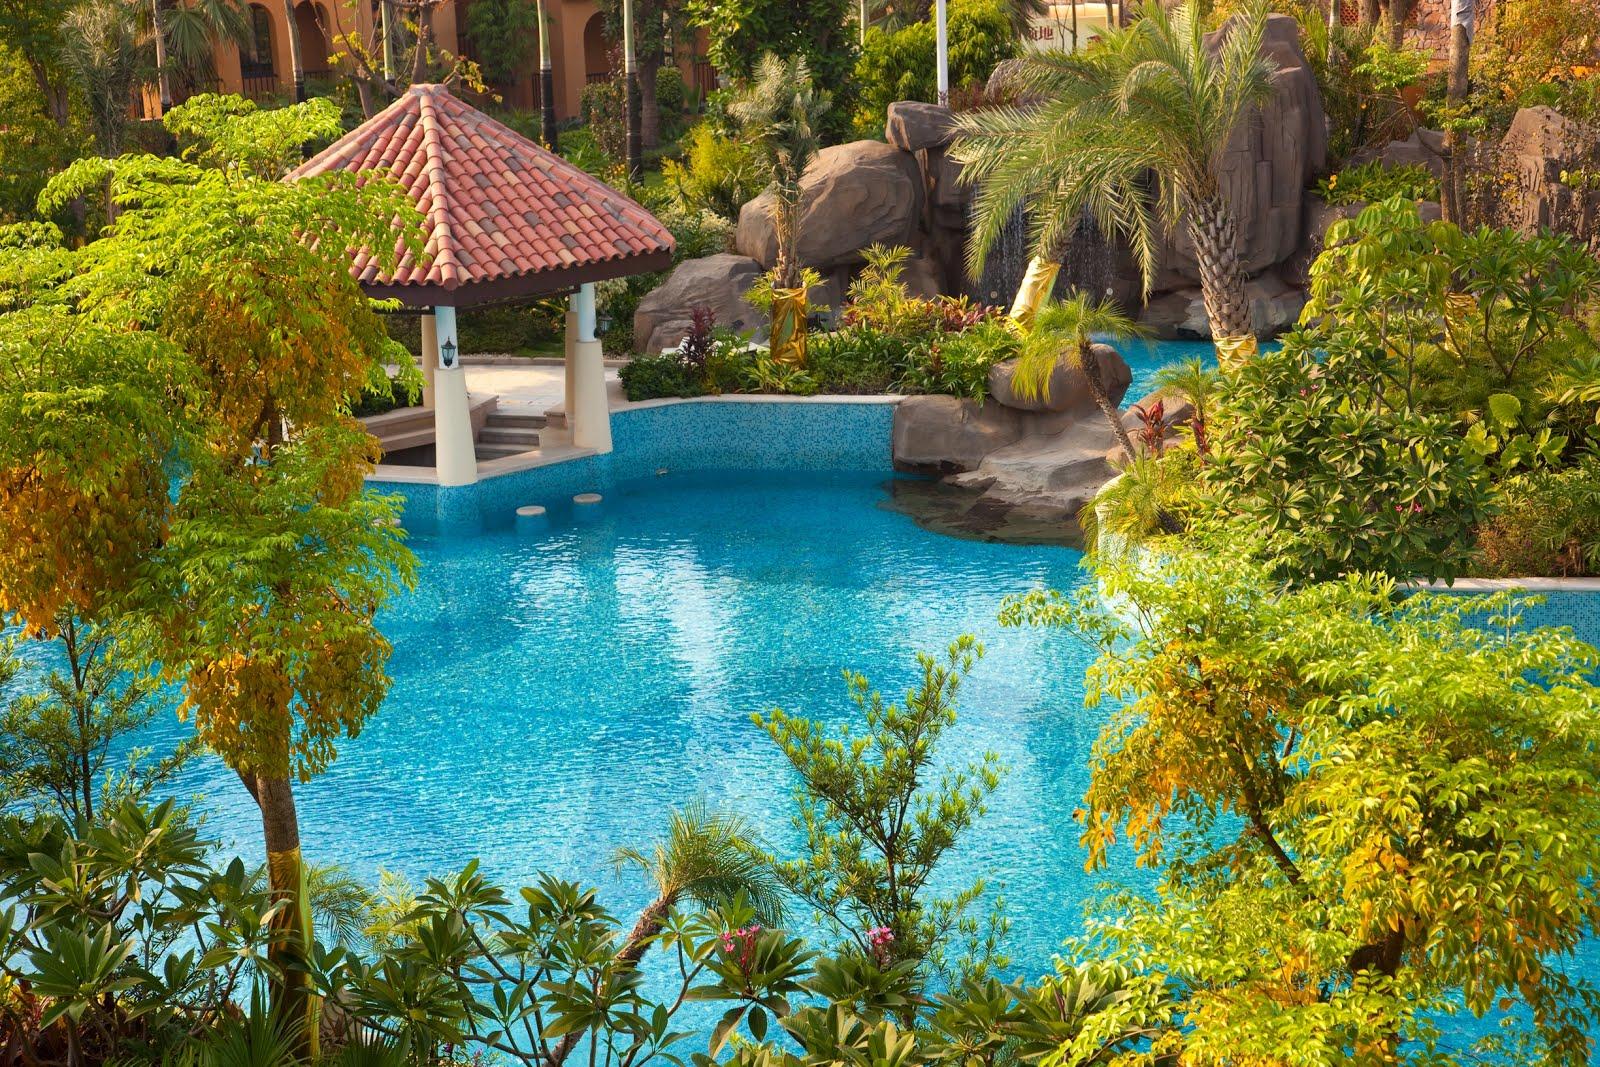 http://1.bp.blogspot.com/-FWJ2WaUTxoY/UKBUda4N69I/AAAAAAABPyA/Xz-MkghYMX8/s1600/piscinas-de-agua-clara-en-un-nuevo-distrito-chino.jpg